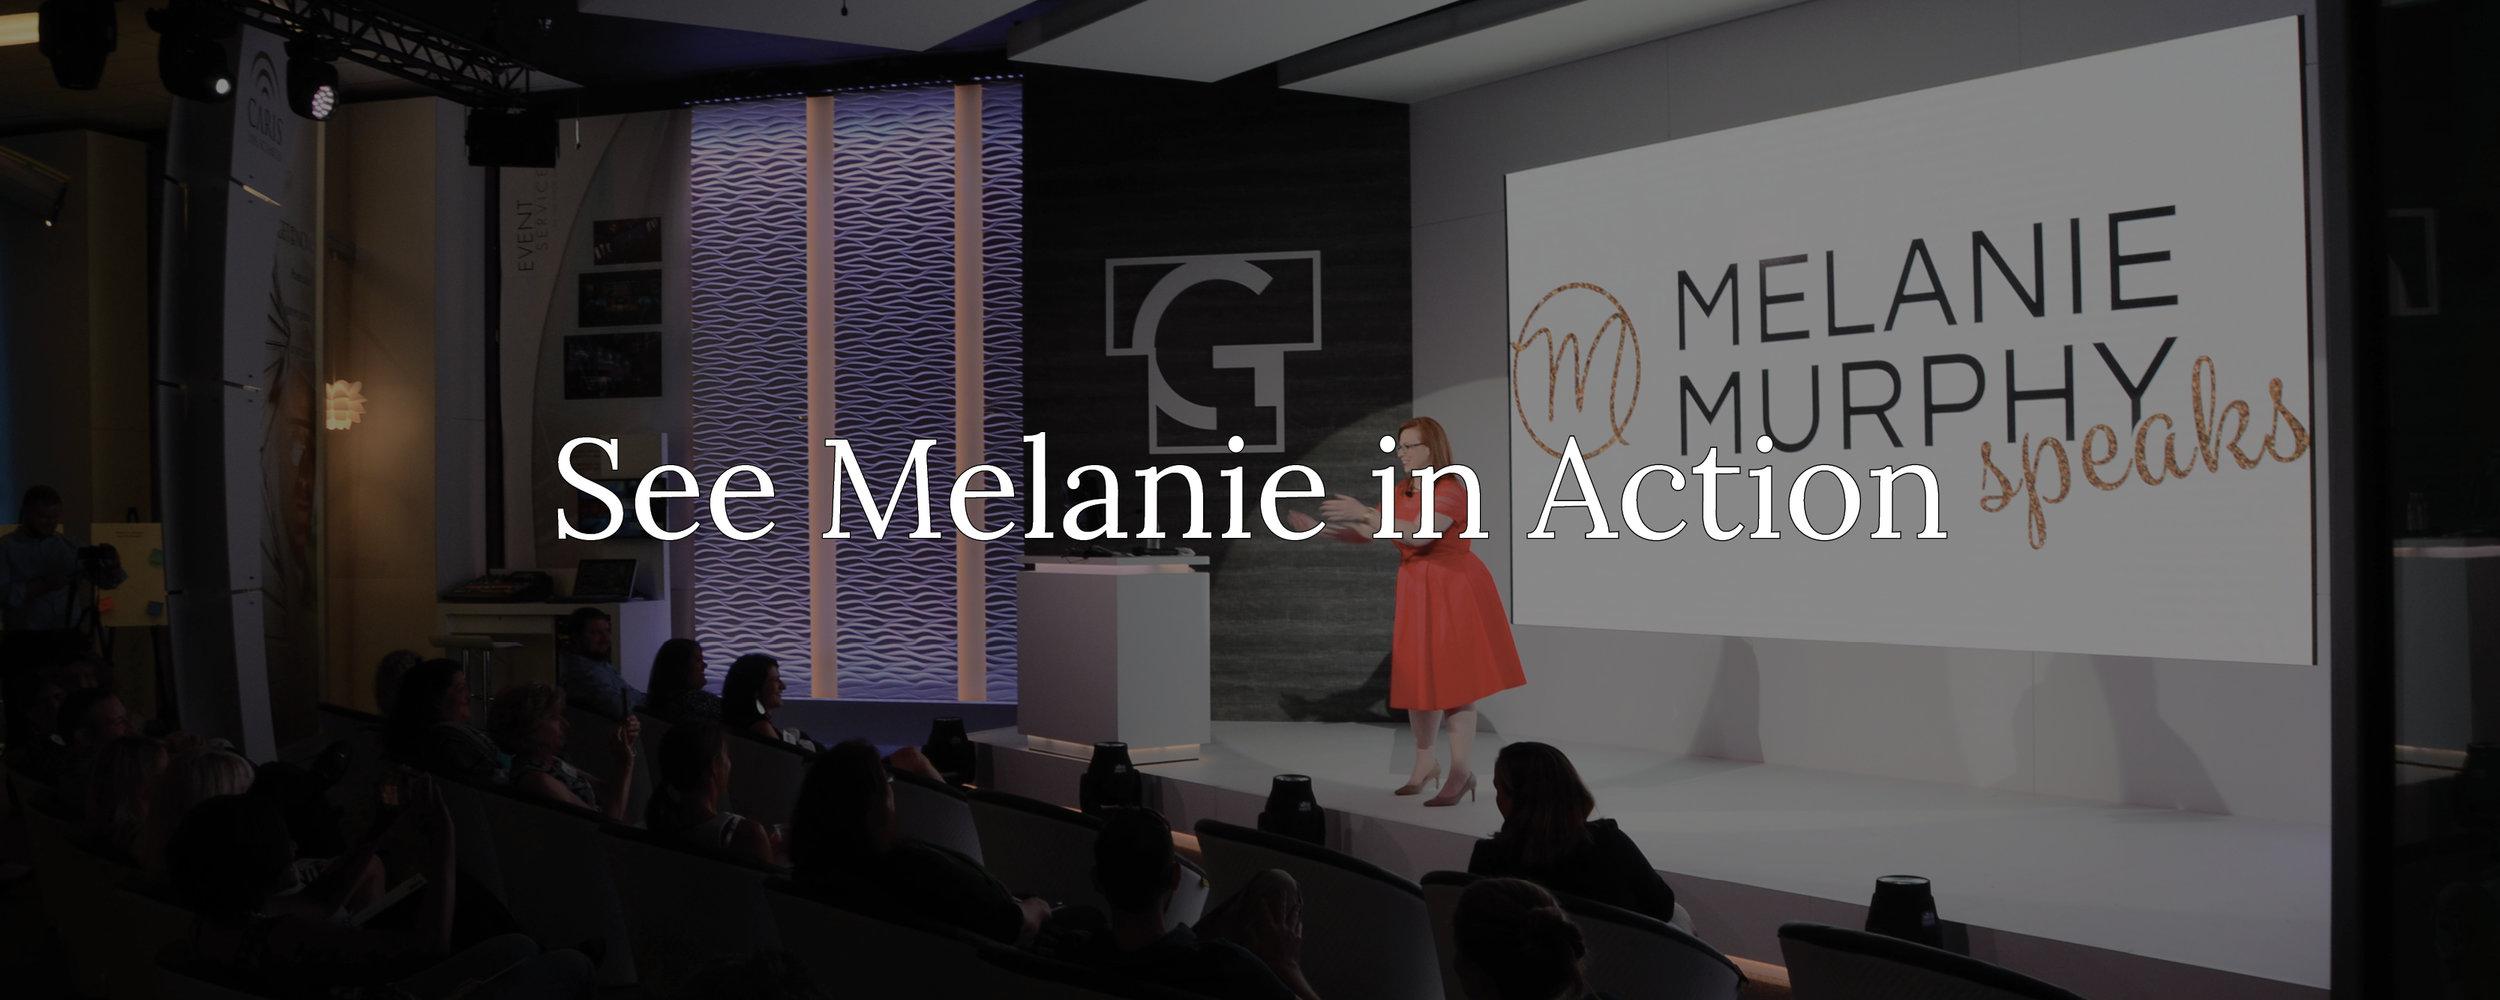 See Melanie in Action.jpg